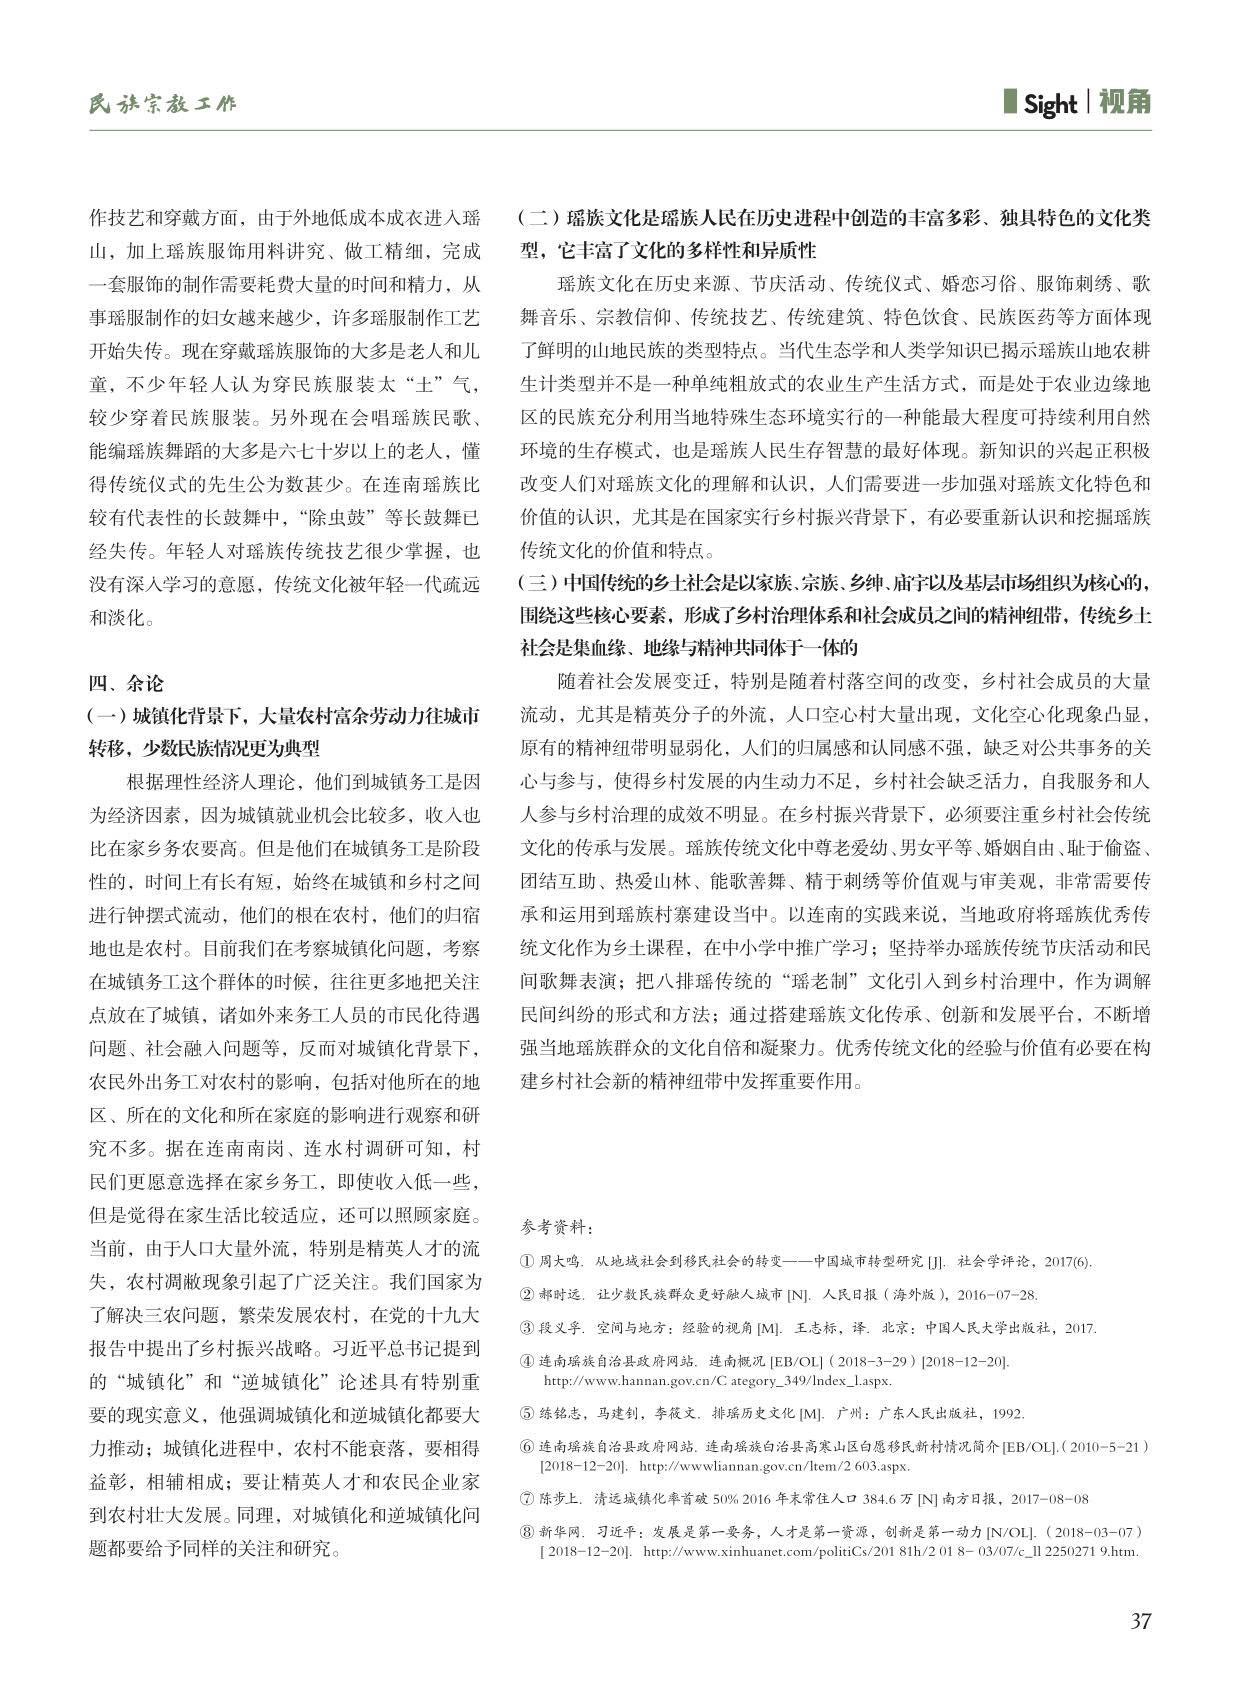 民宗委 十月(1)_39.jpg